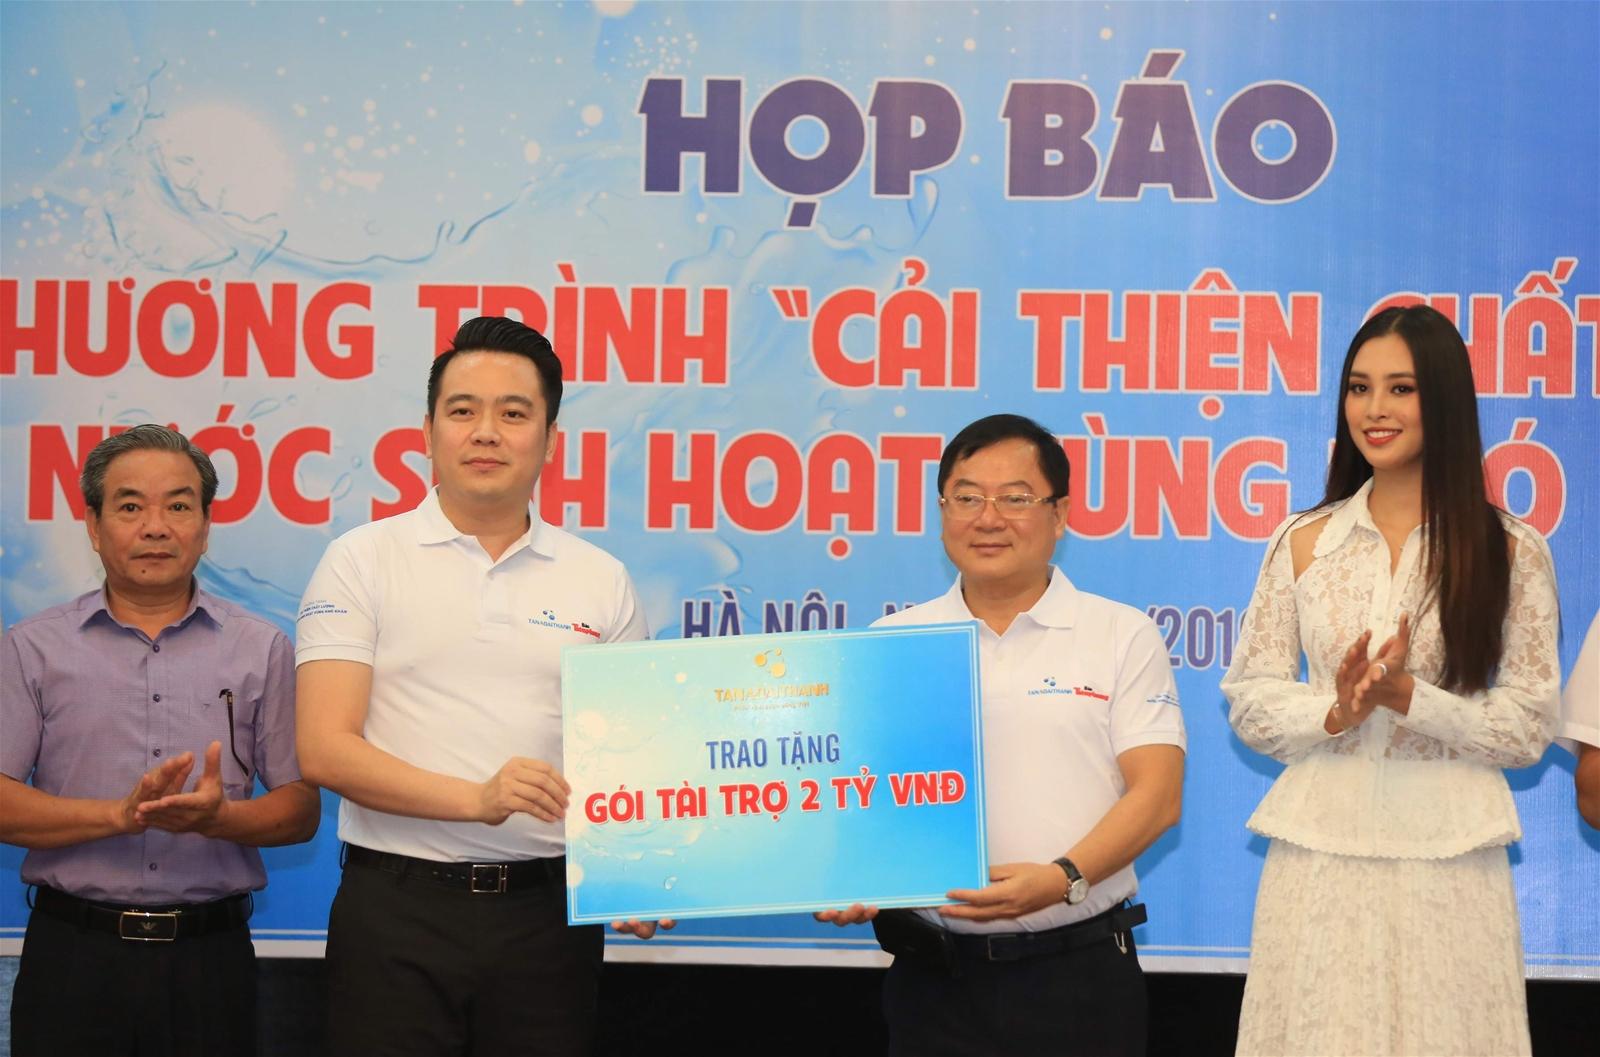 Tân Á Đại Thành: Điểm sáng trong các hoạt động xã hội vì cộng đồng